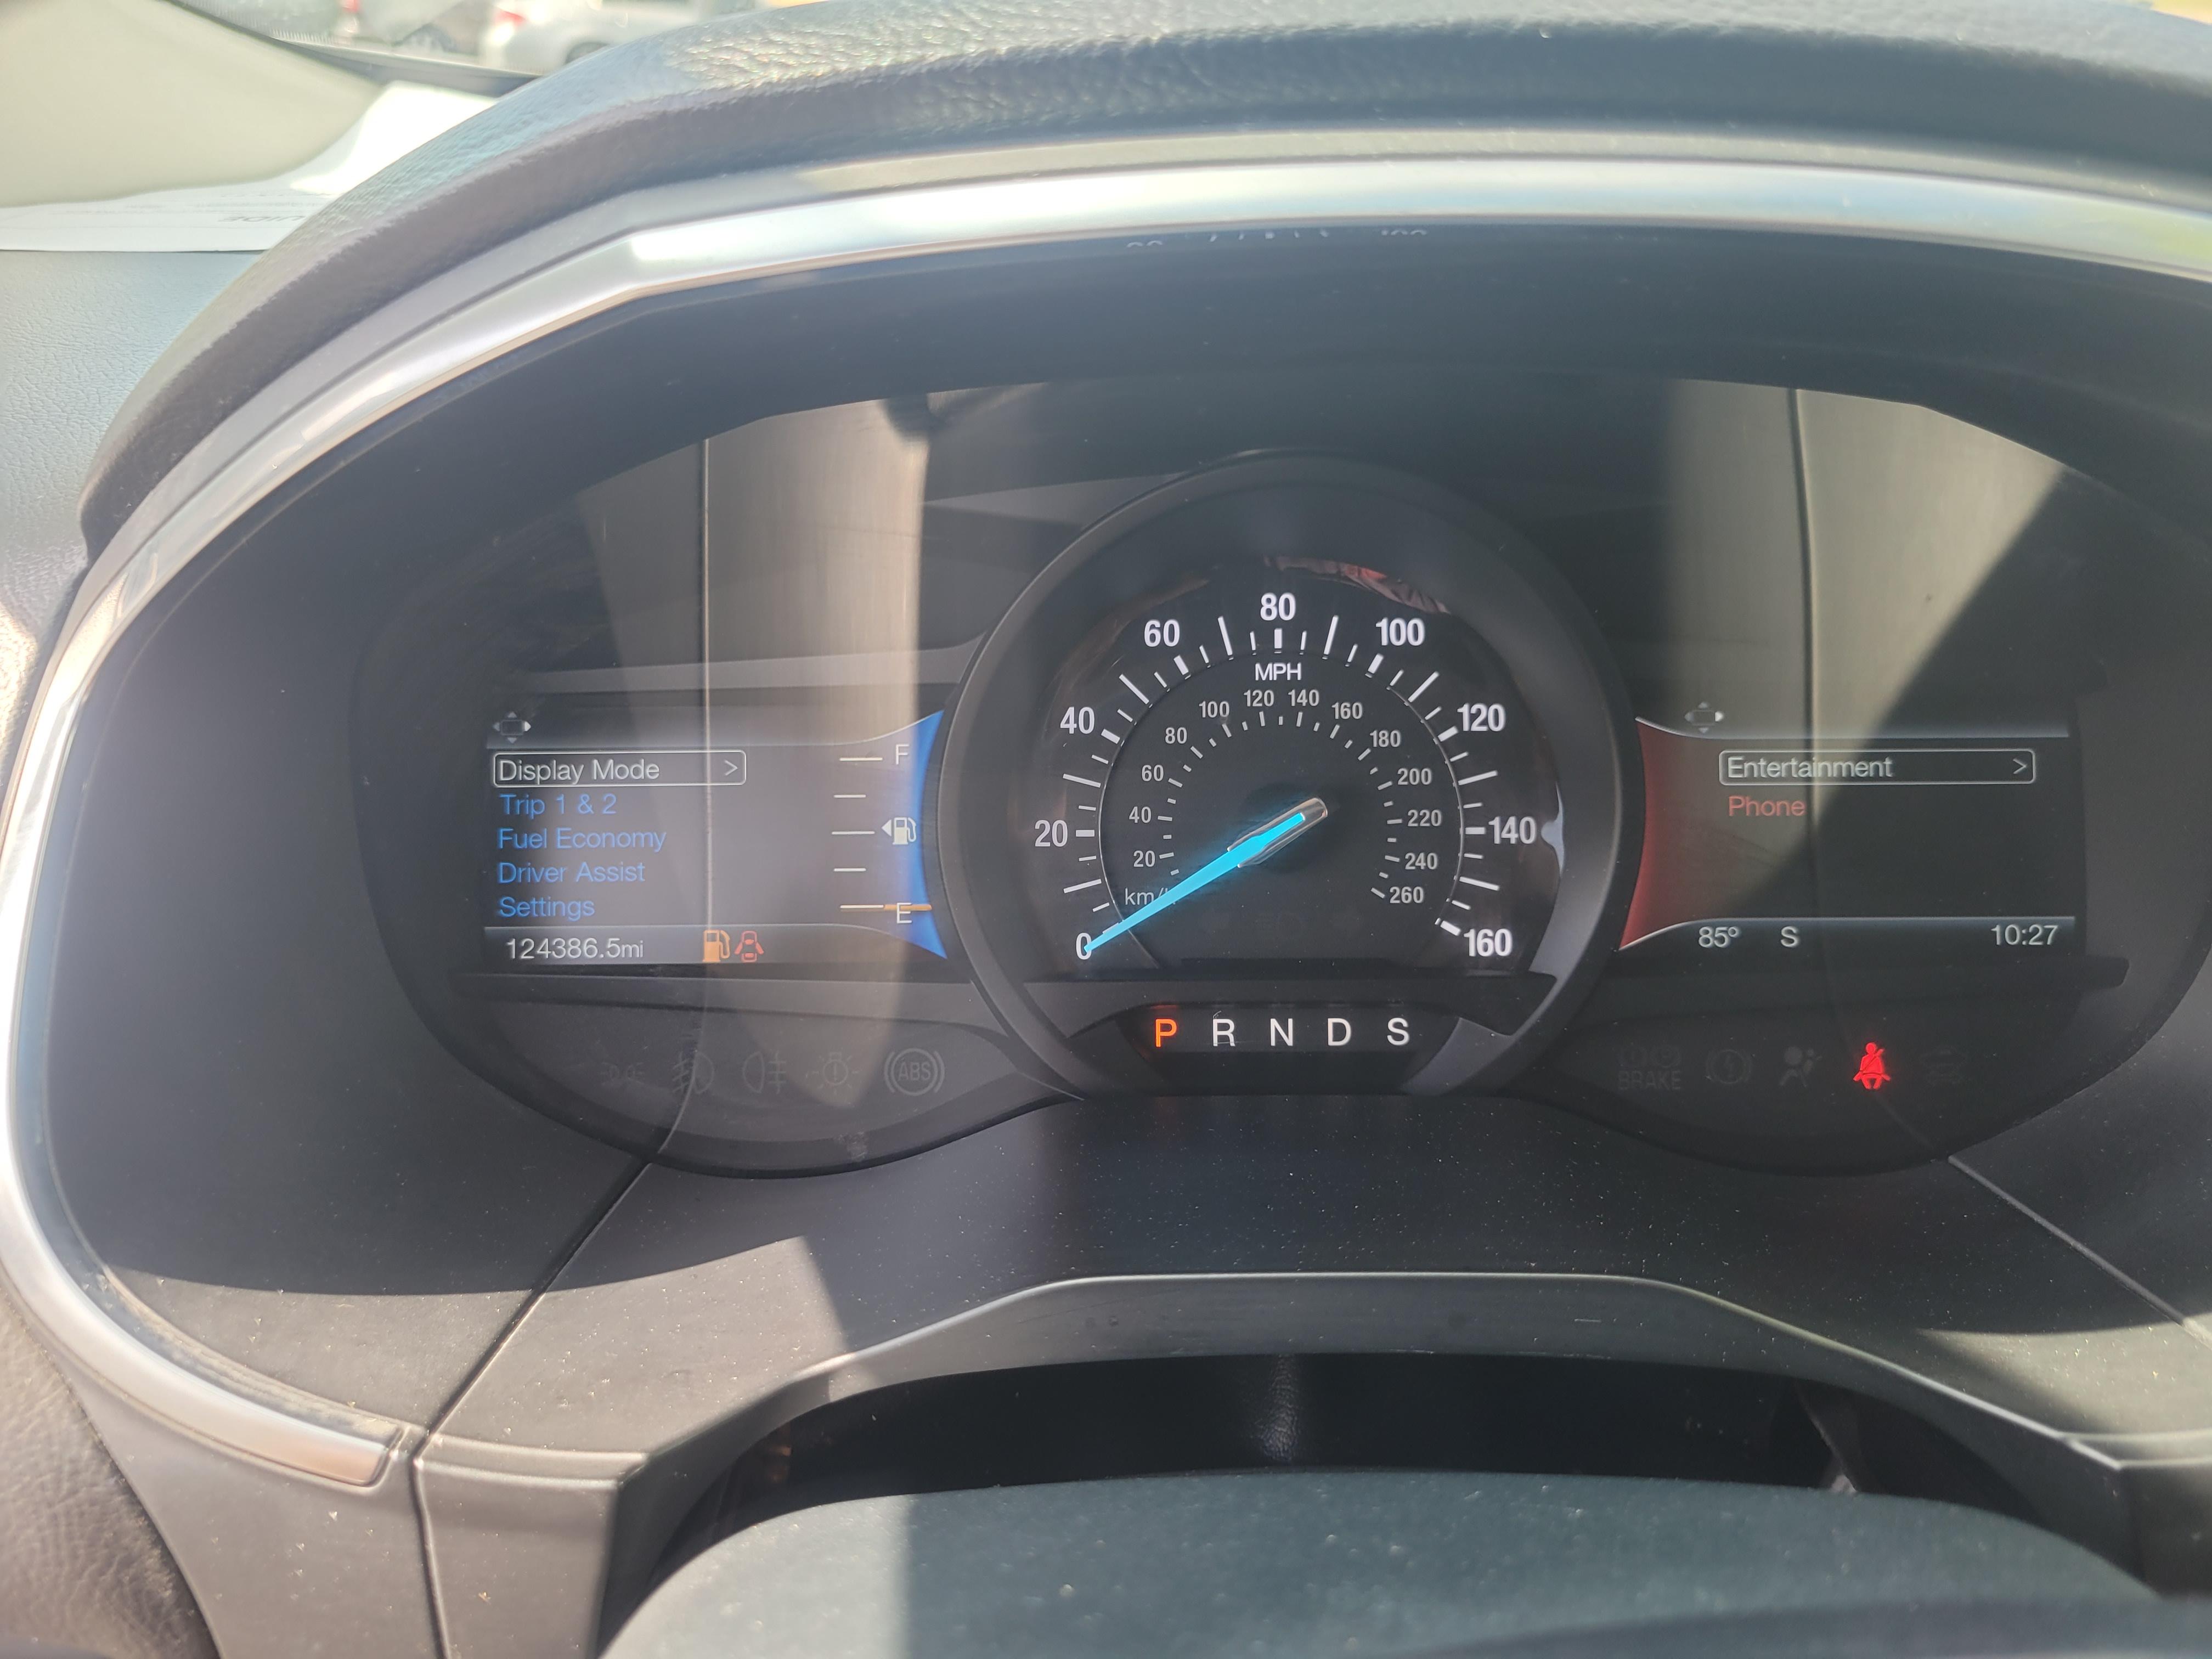 used vehicle - SUV FORD EDGE 2015